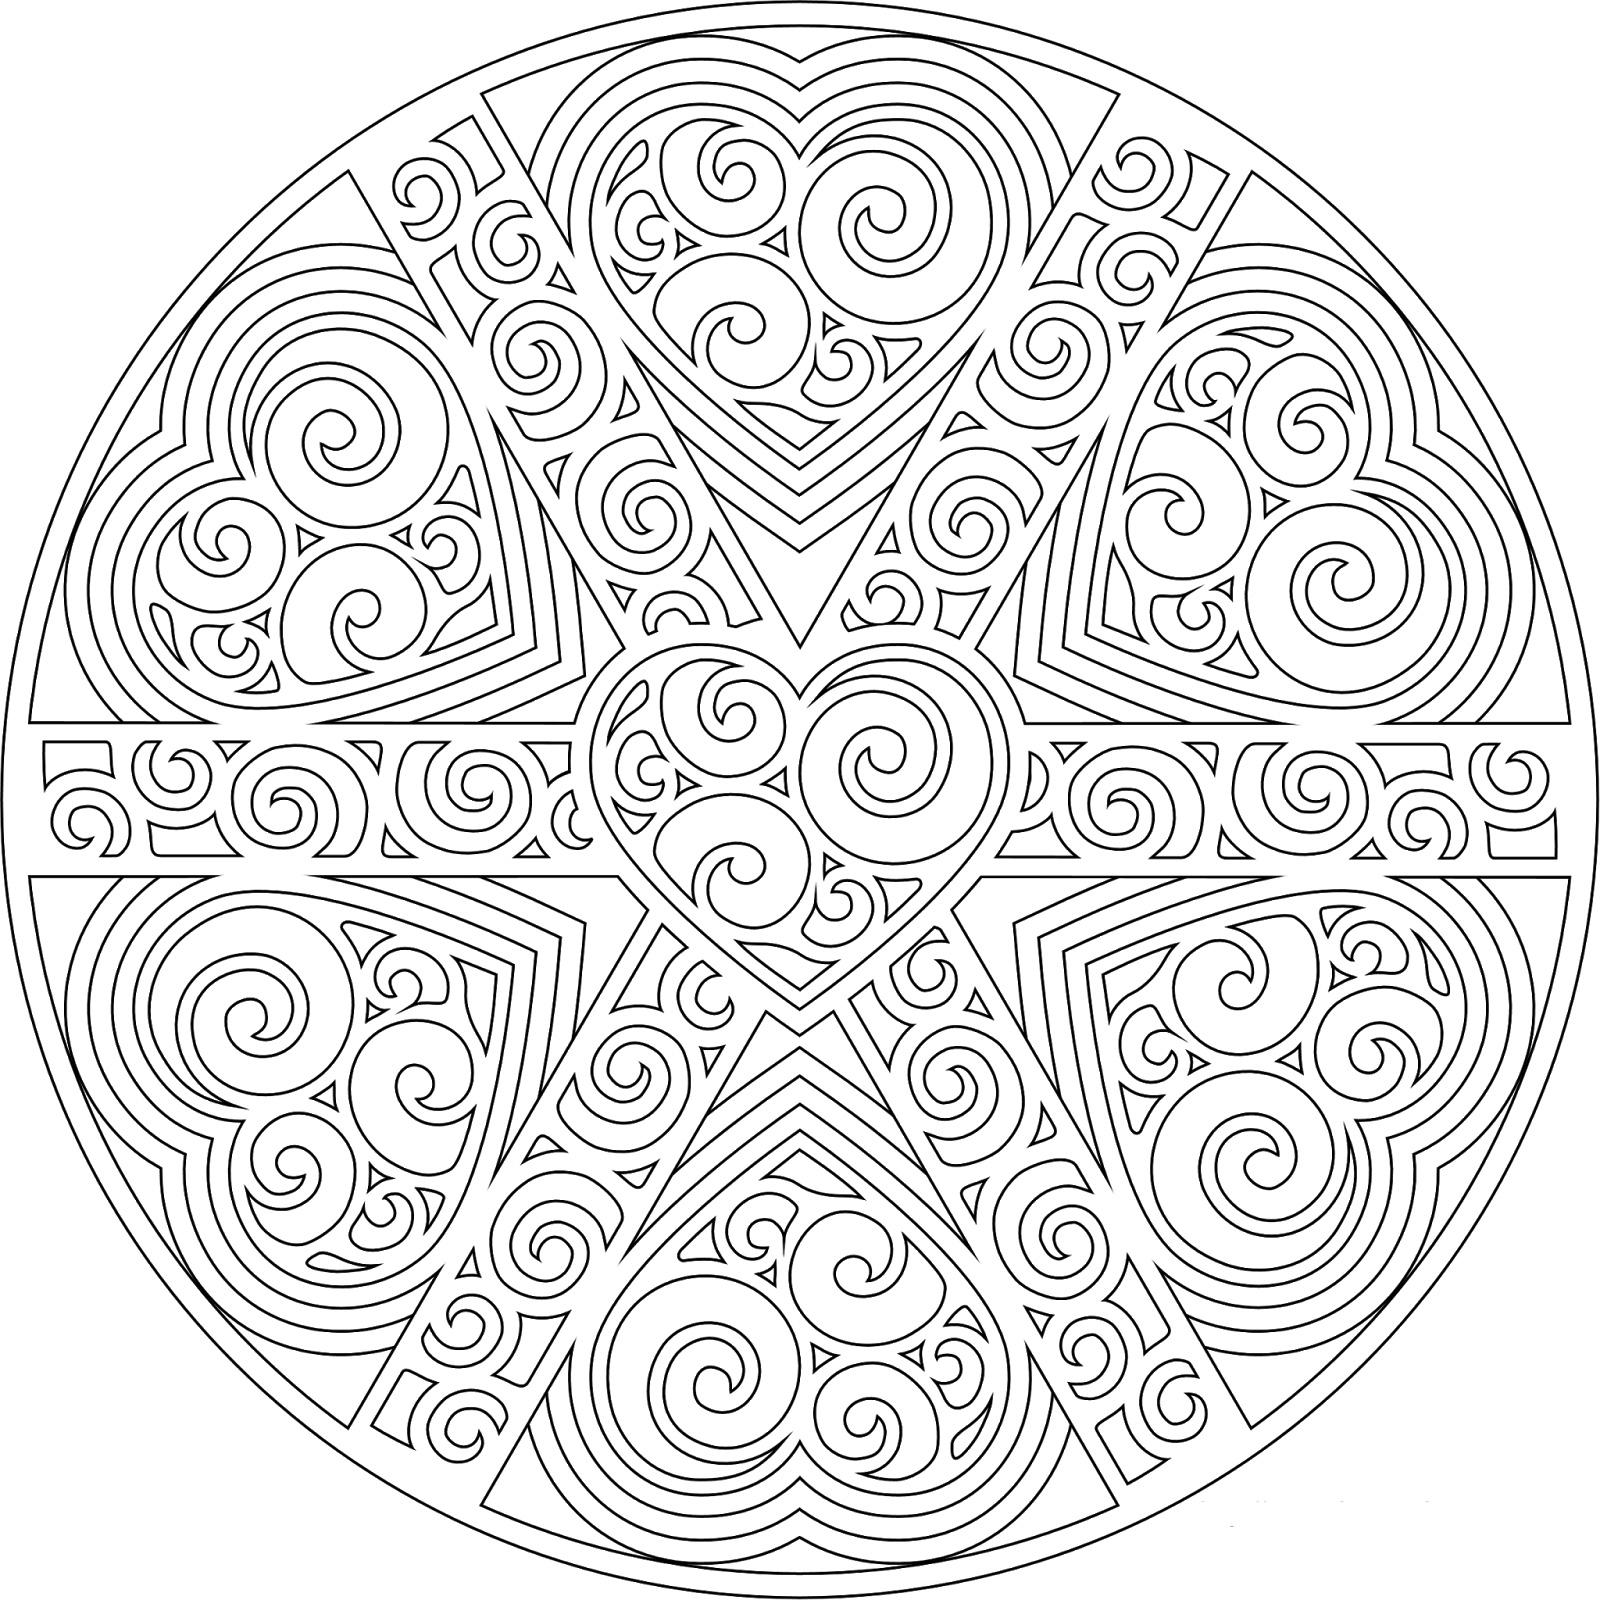 Узоры из сердечек в круге Раскраски для взрослых антистресс